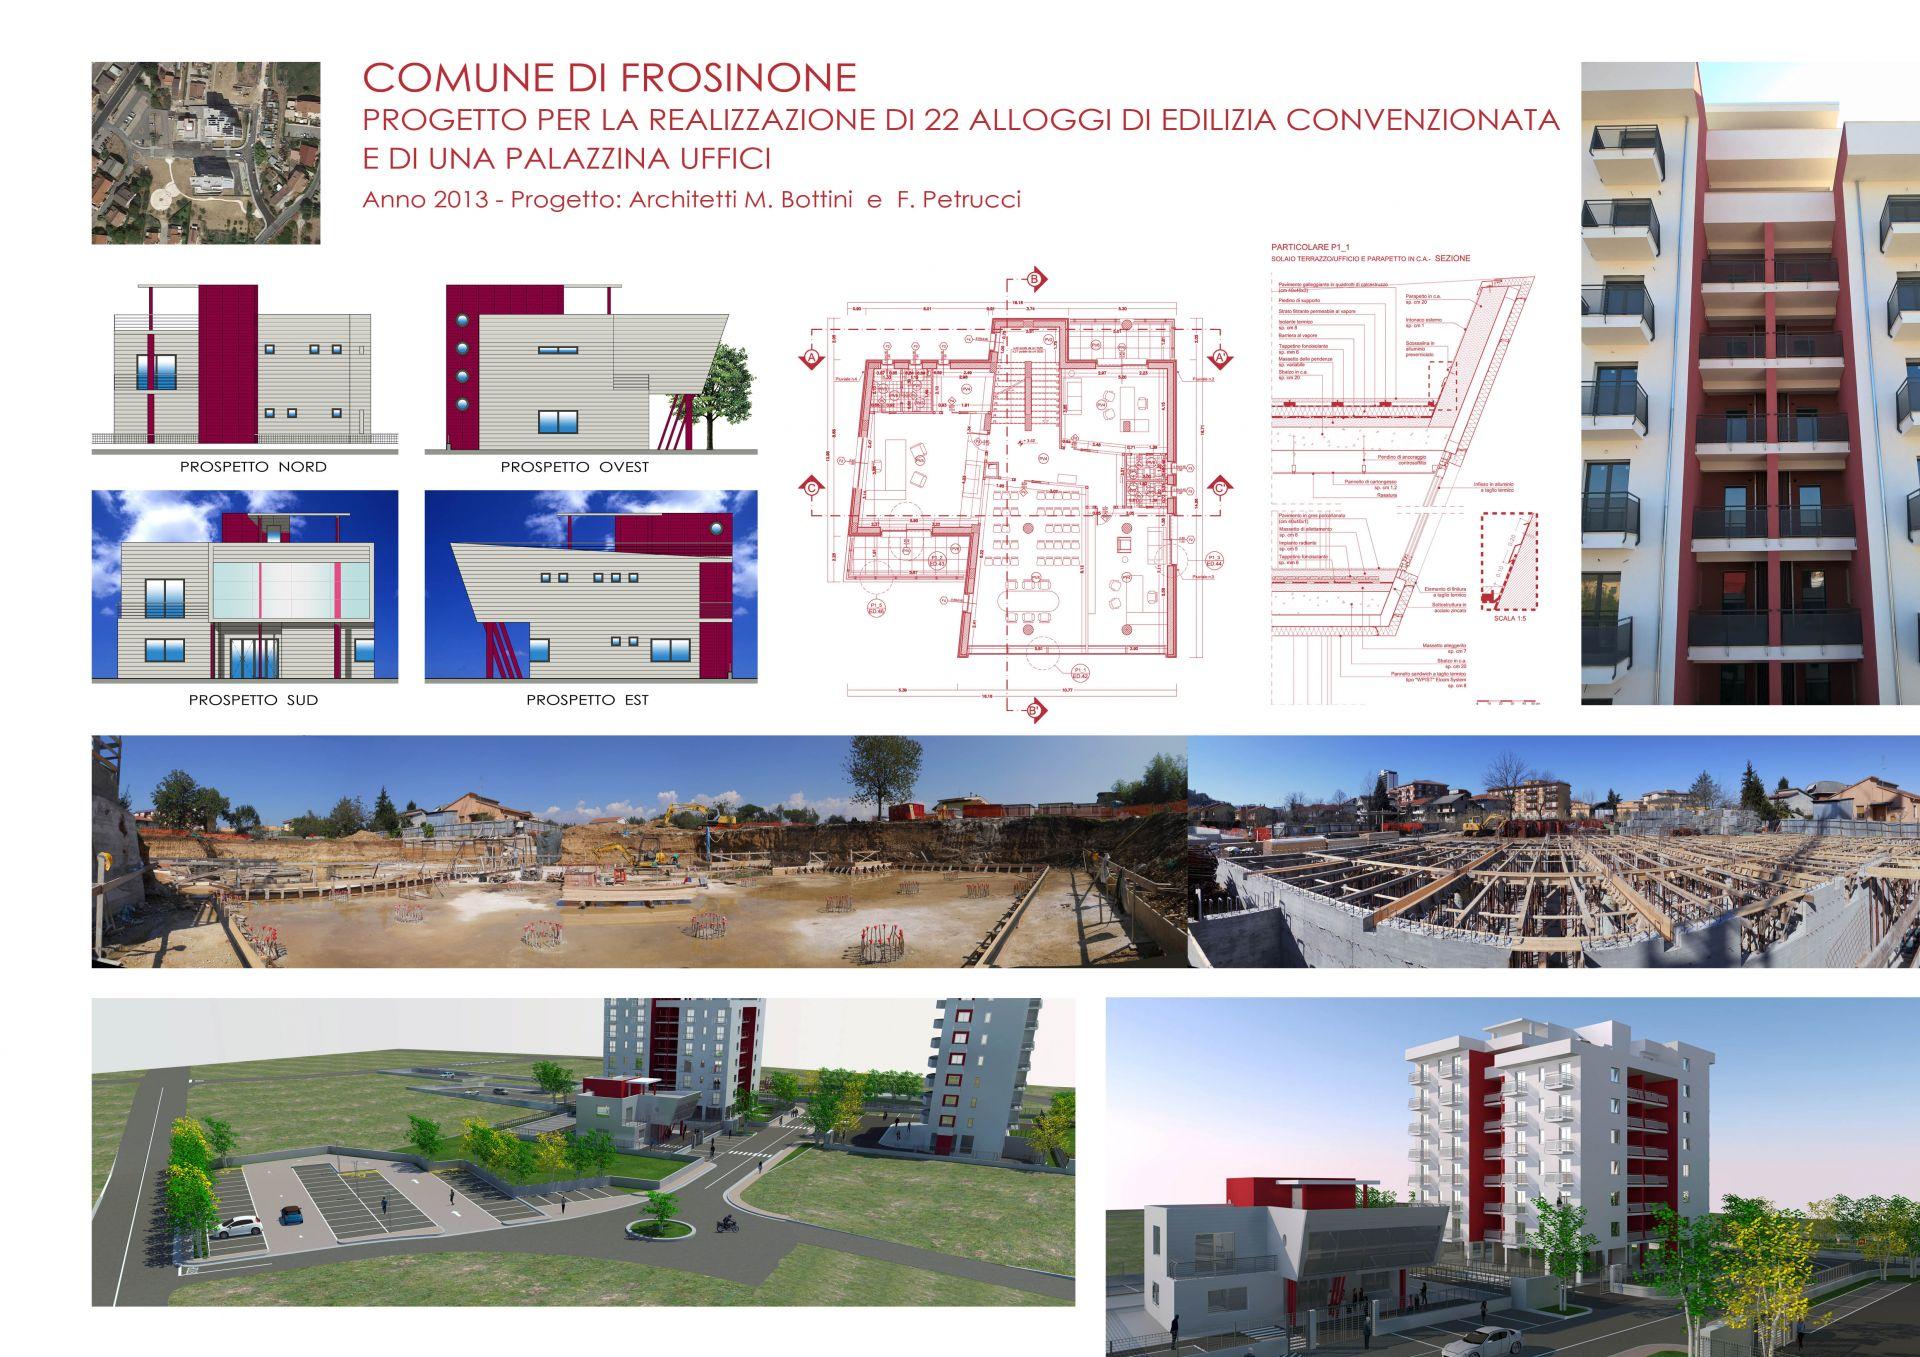 Progetto per la realizzazione di 22 alloggi e una ...